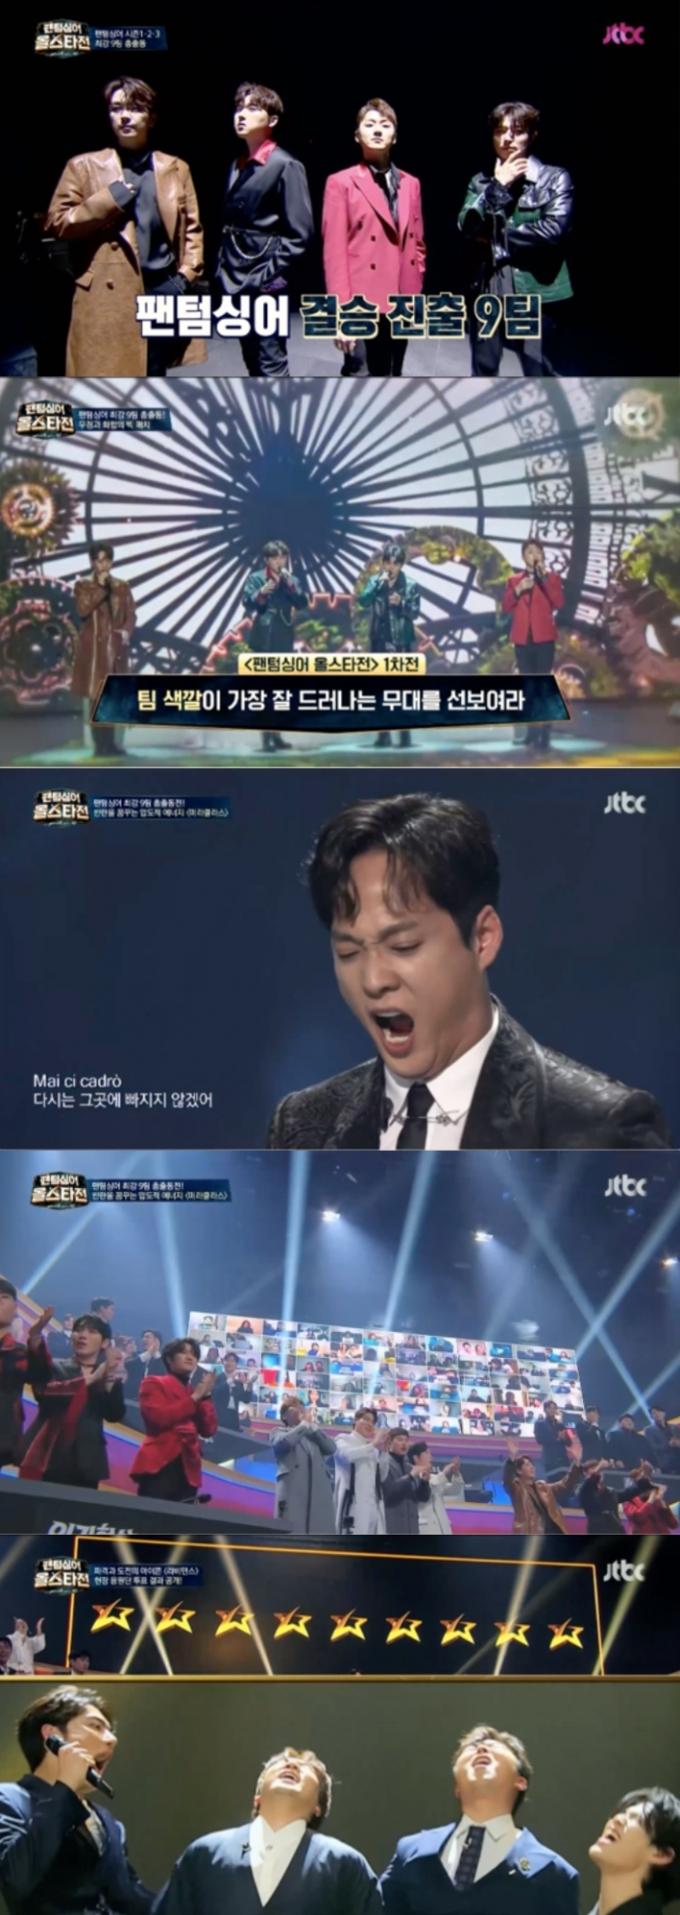 지난 26일 첫 방송된 JTBC '팬텀싱어 올스타전' 1차전에서 '팬텀싱어' 최강팀들이 자존심을 건 대결을 펼쳤다. /사진=JTBC '팬텀싱어 올스타전' 캡쳐